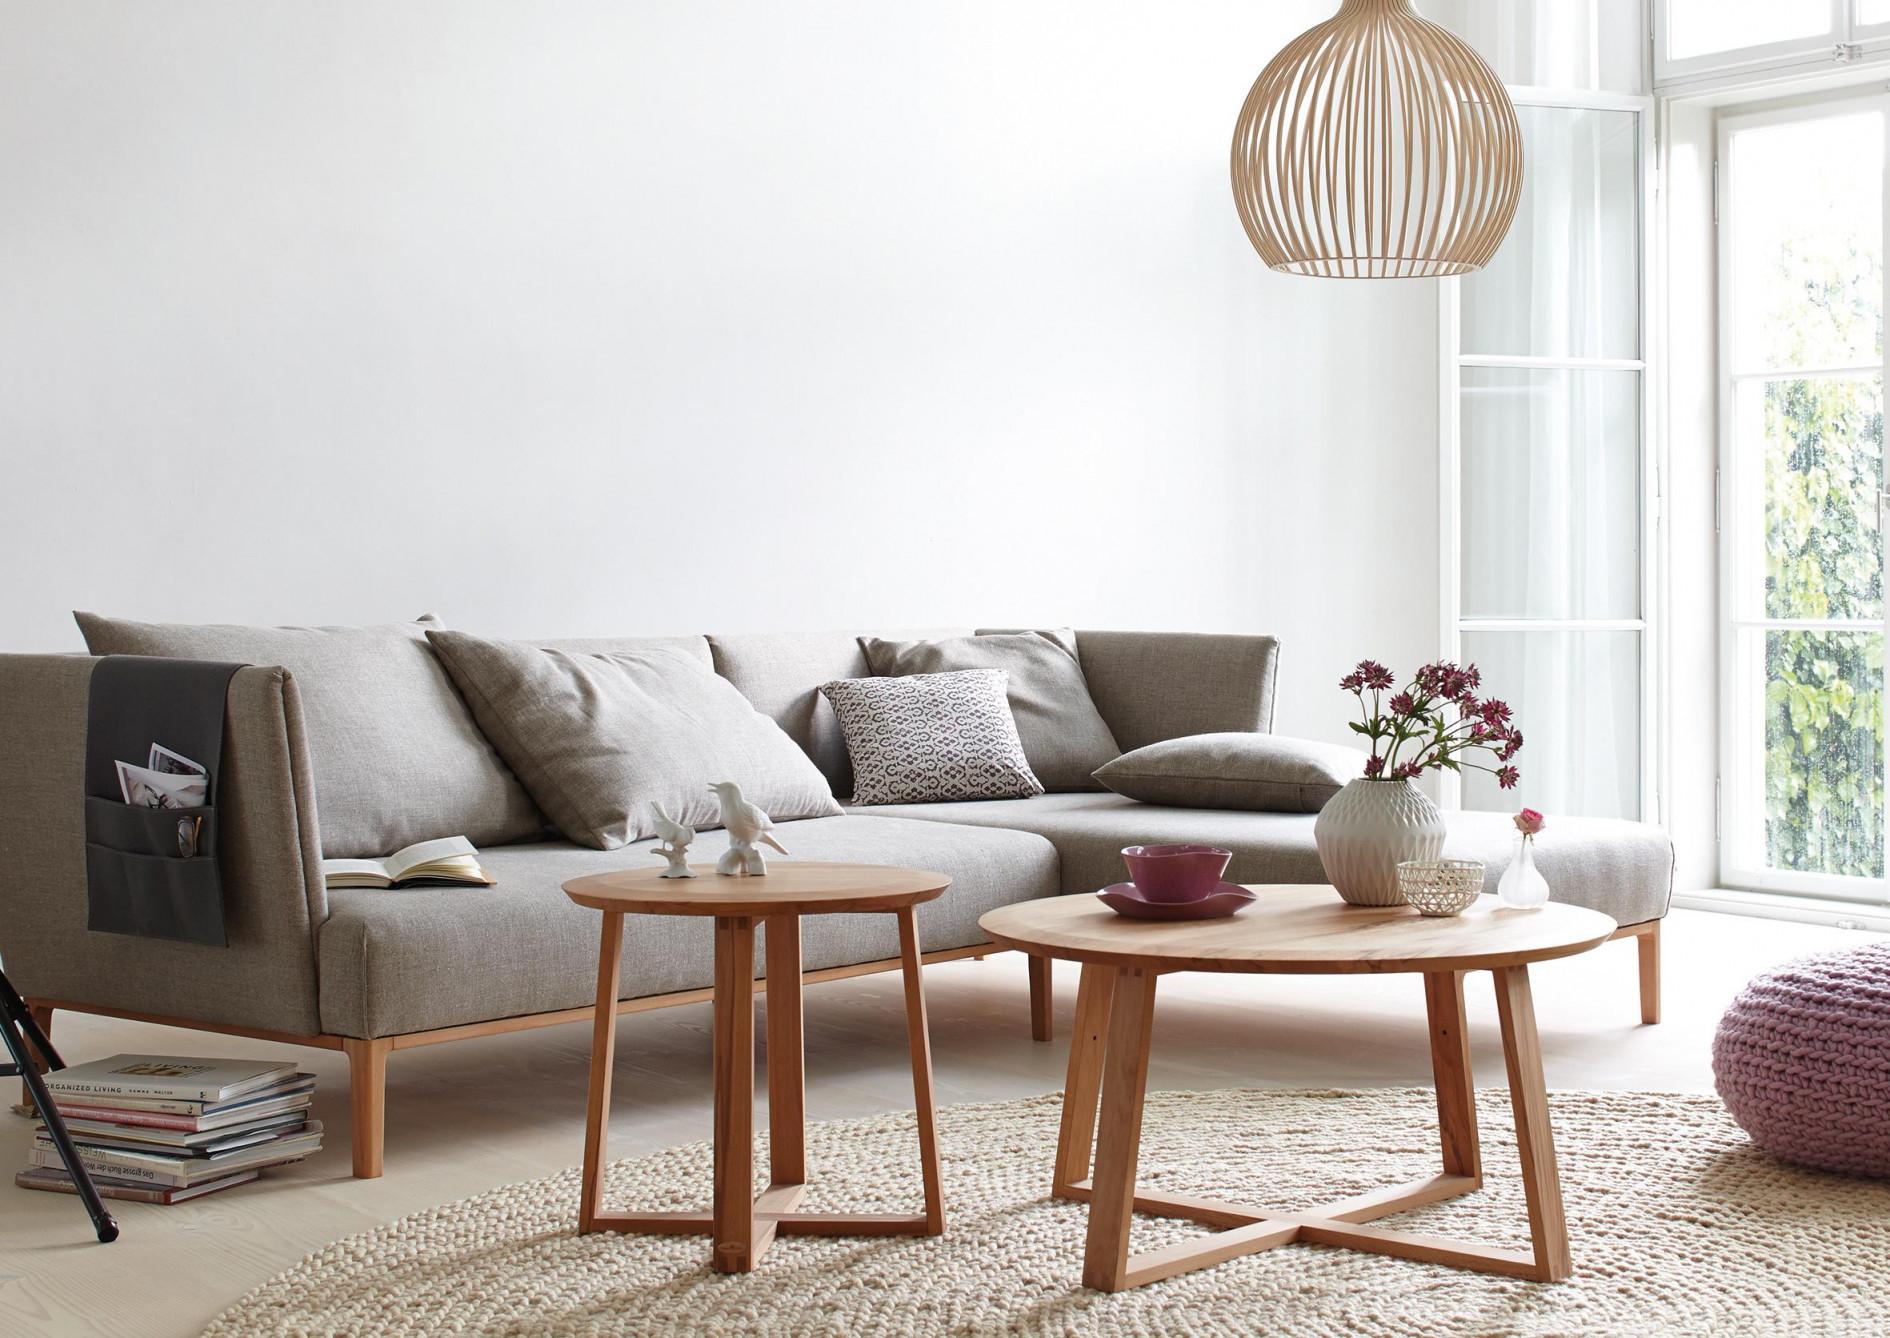 Runder Teppich • Bilder  Ideen • Couch von Wohnzimmer Runder Teppich Photo